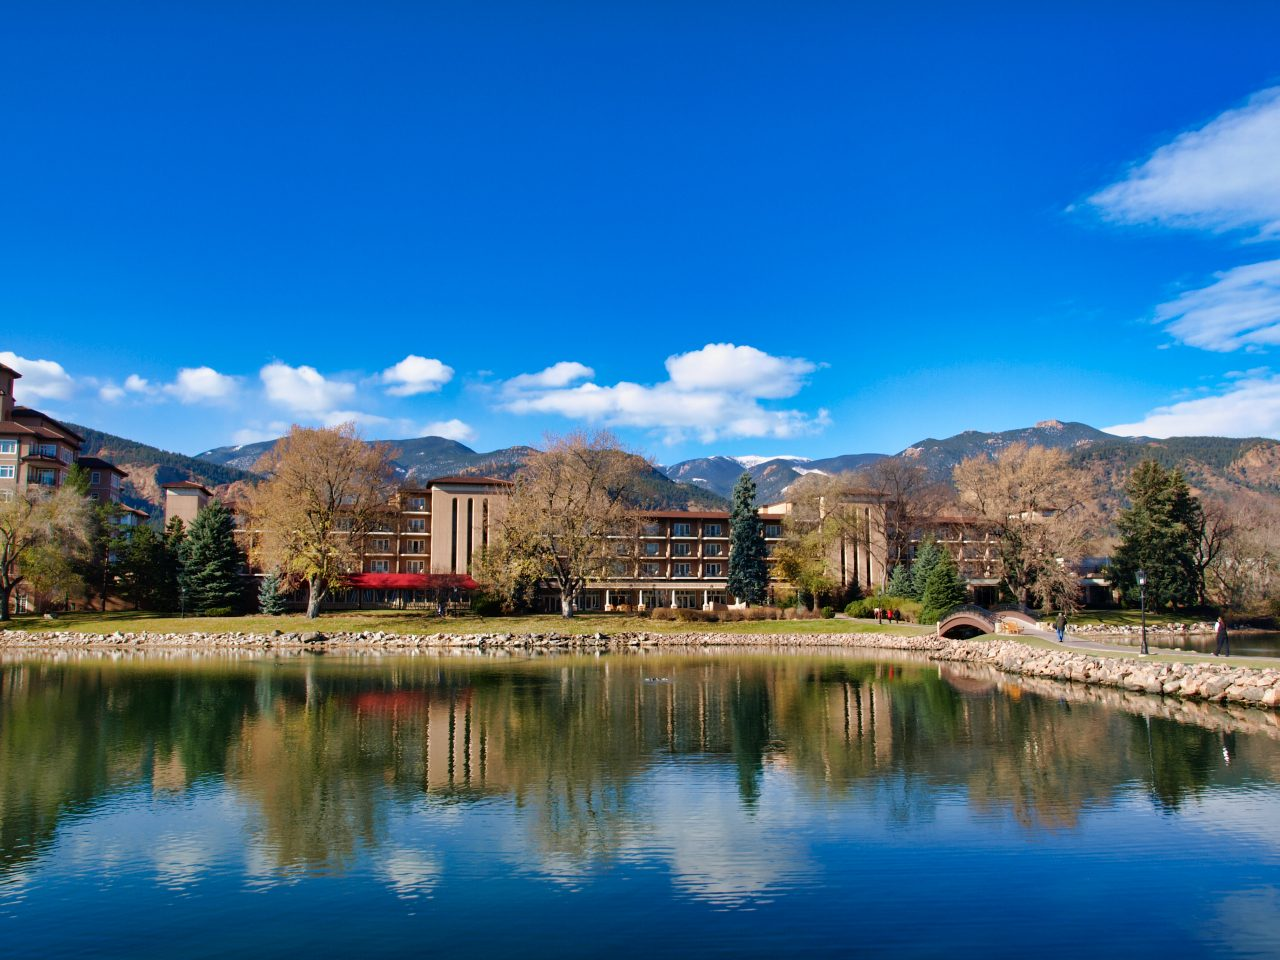 Broadmoor Resort & Hotel in Colorado